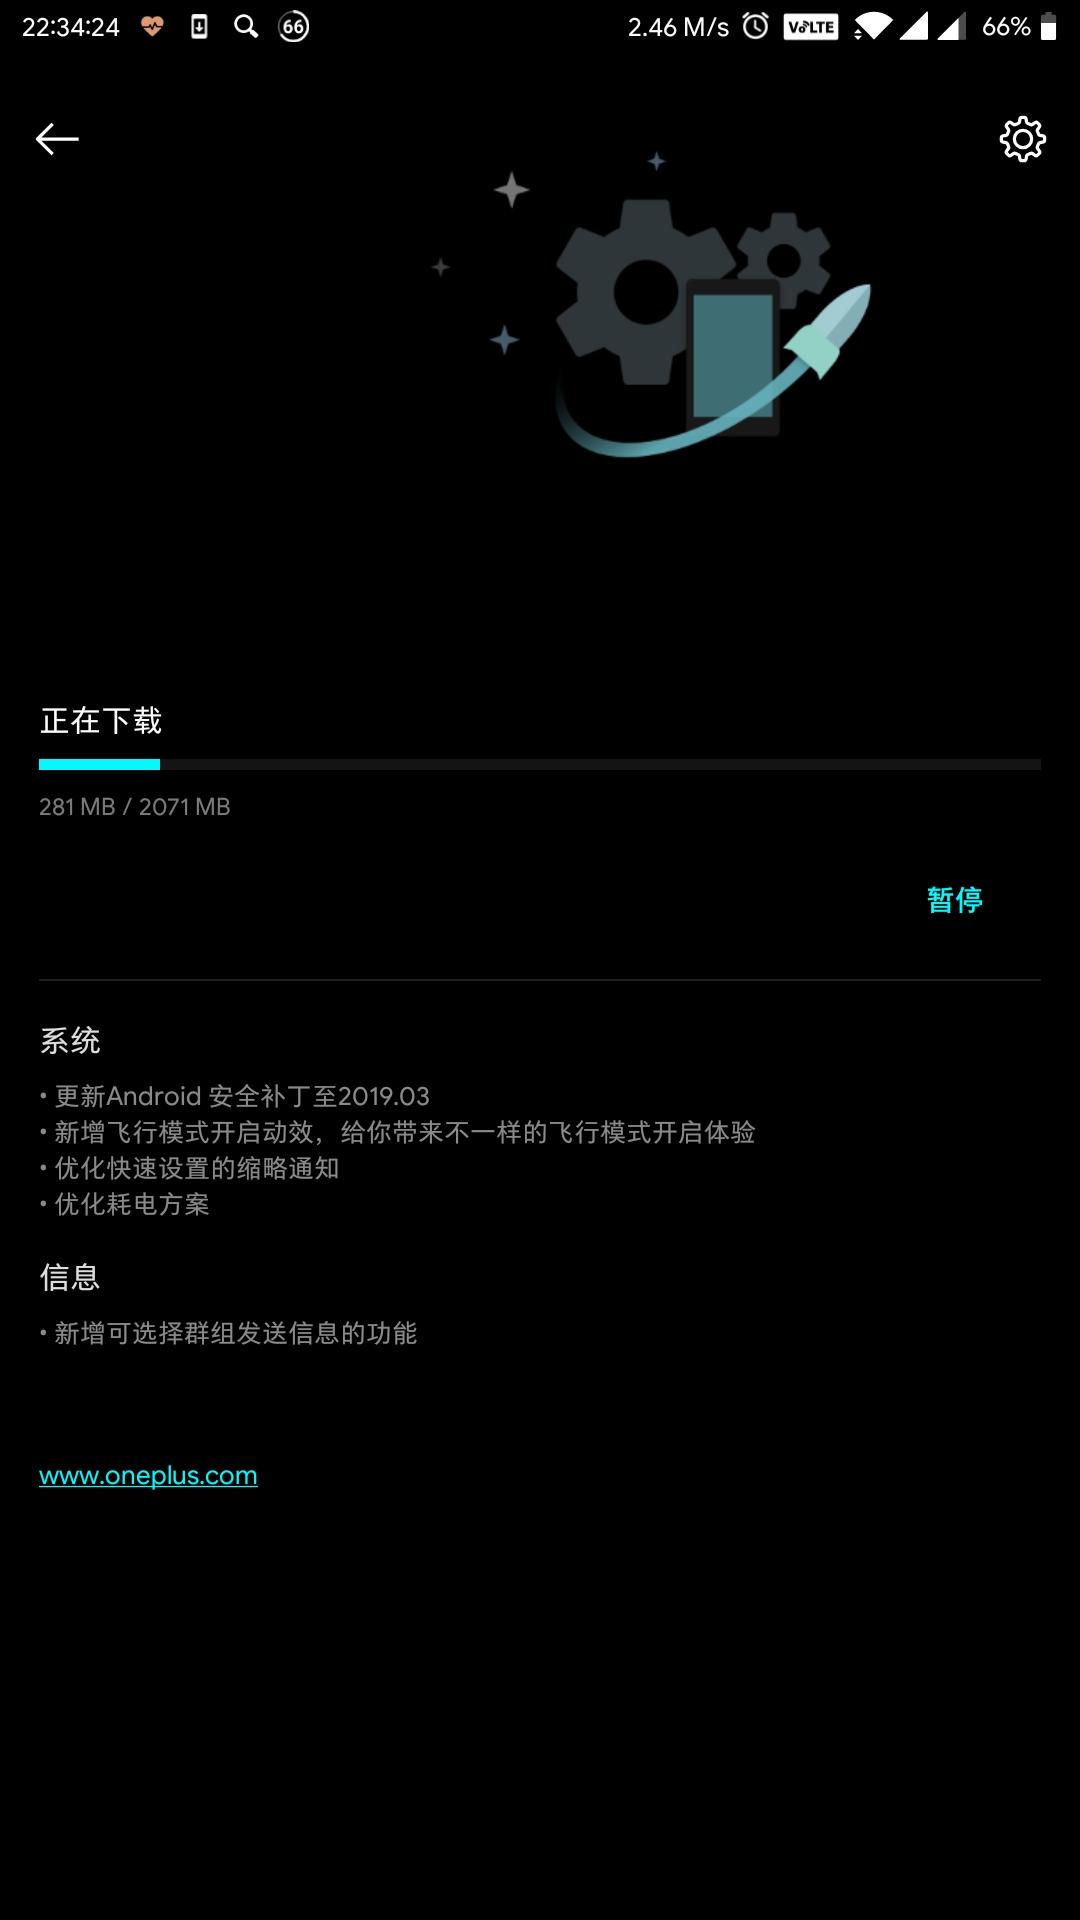 Screenshot_20190312-223426.jpg